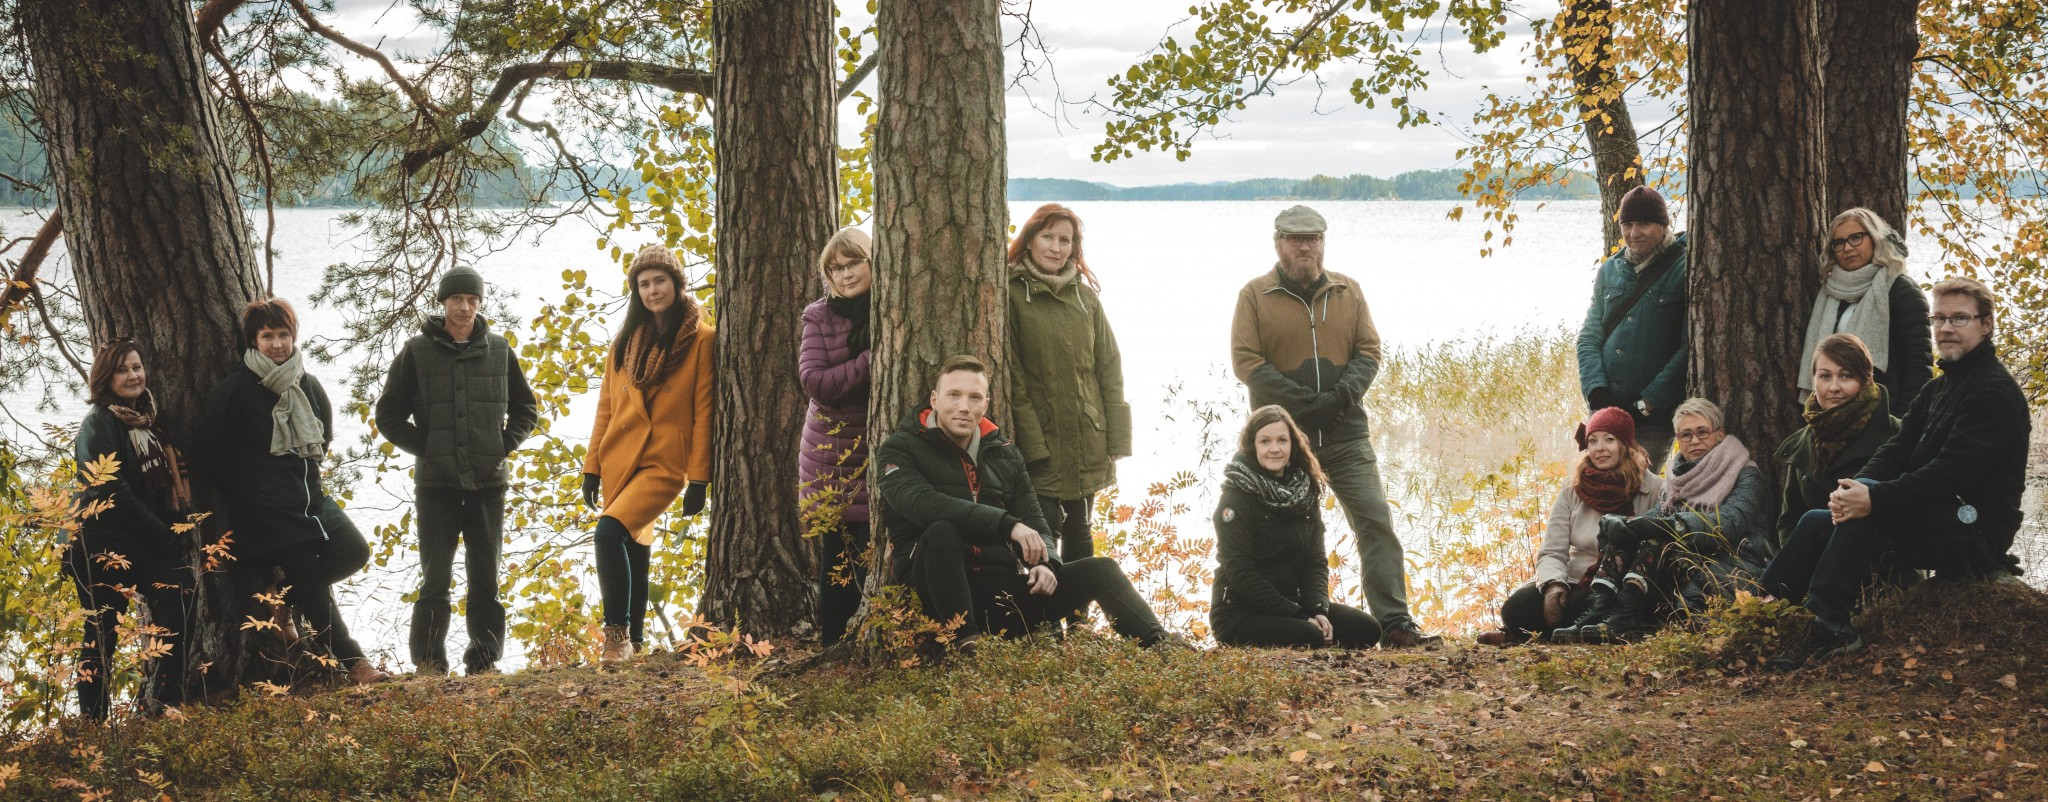 Kriisikeskuksen työntekijät kuvattuina puiden keskellä ja taustalla näkyy järvi.